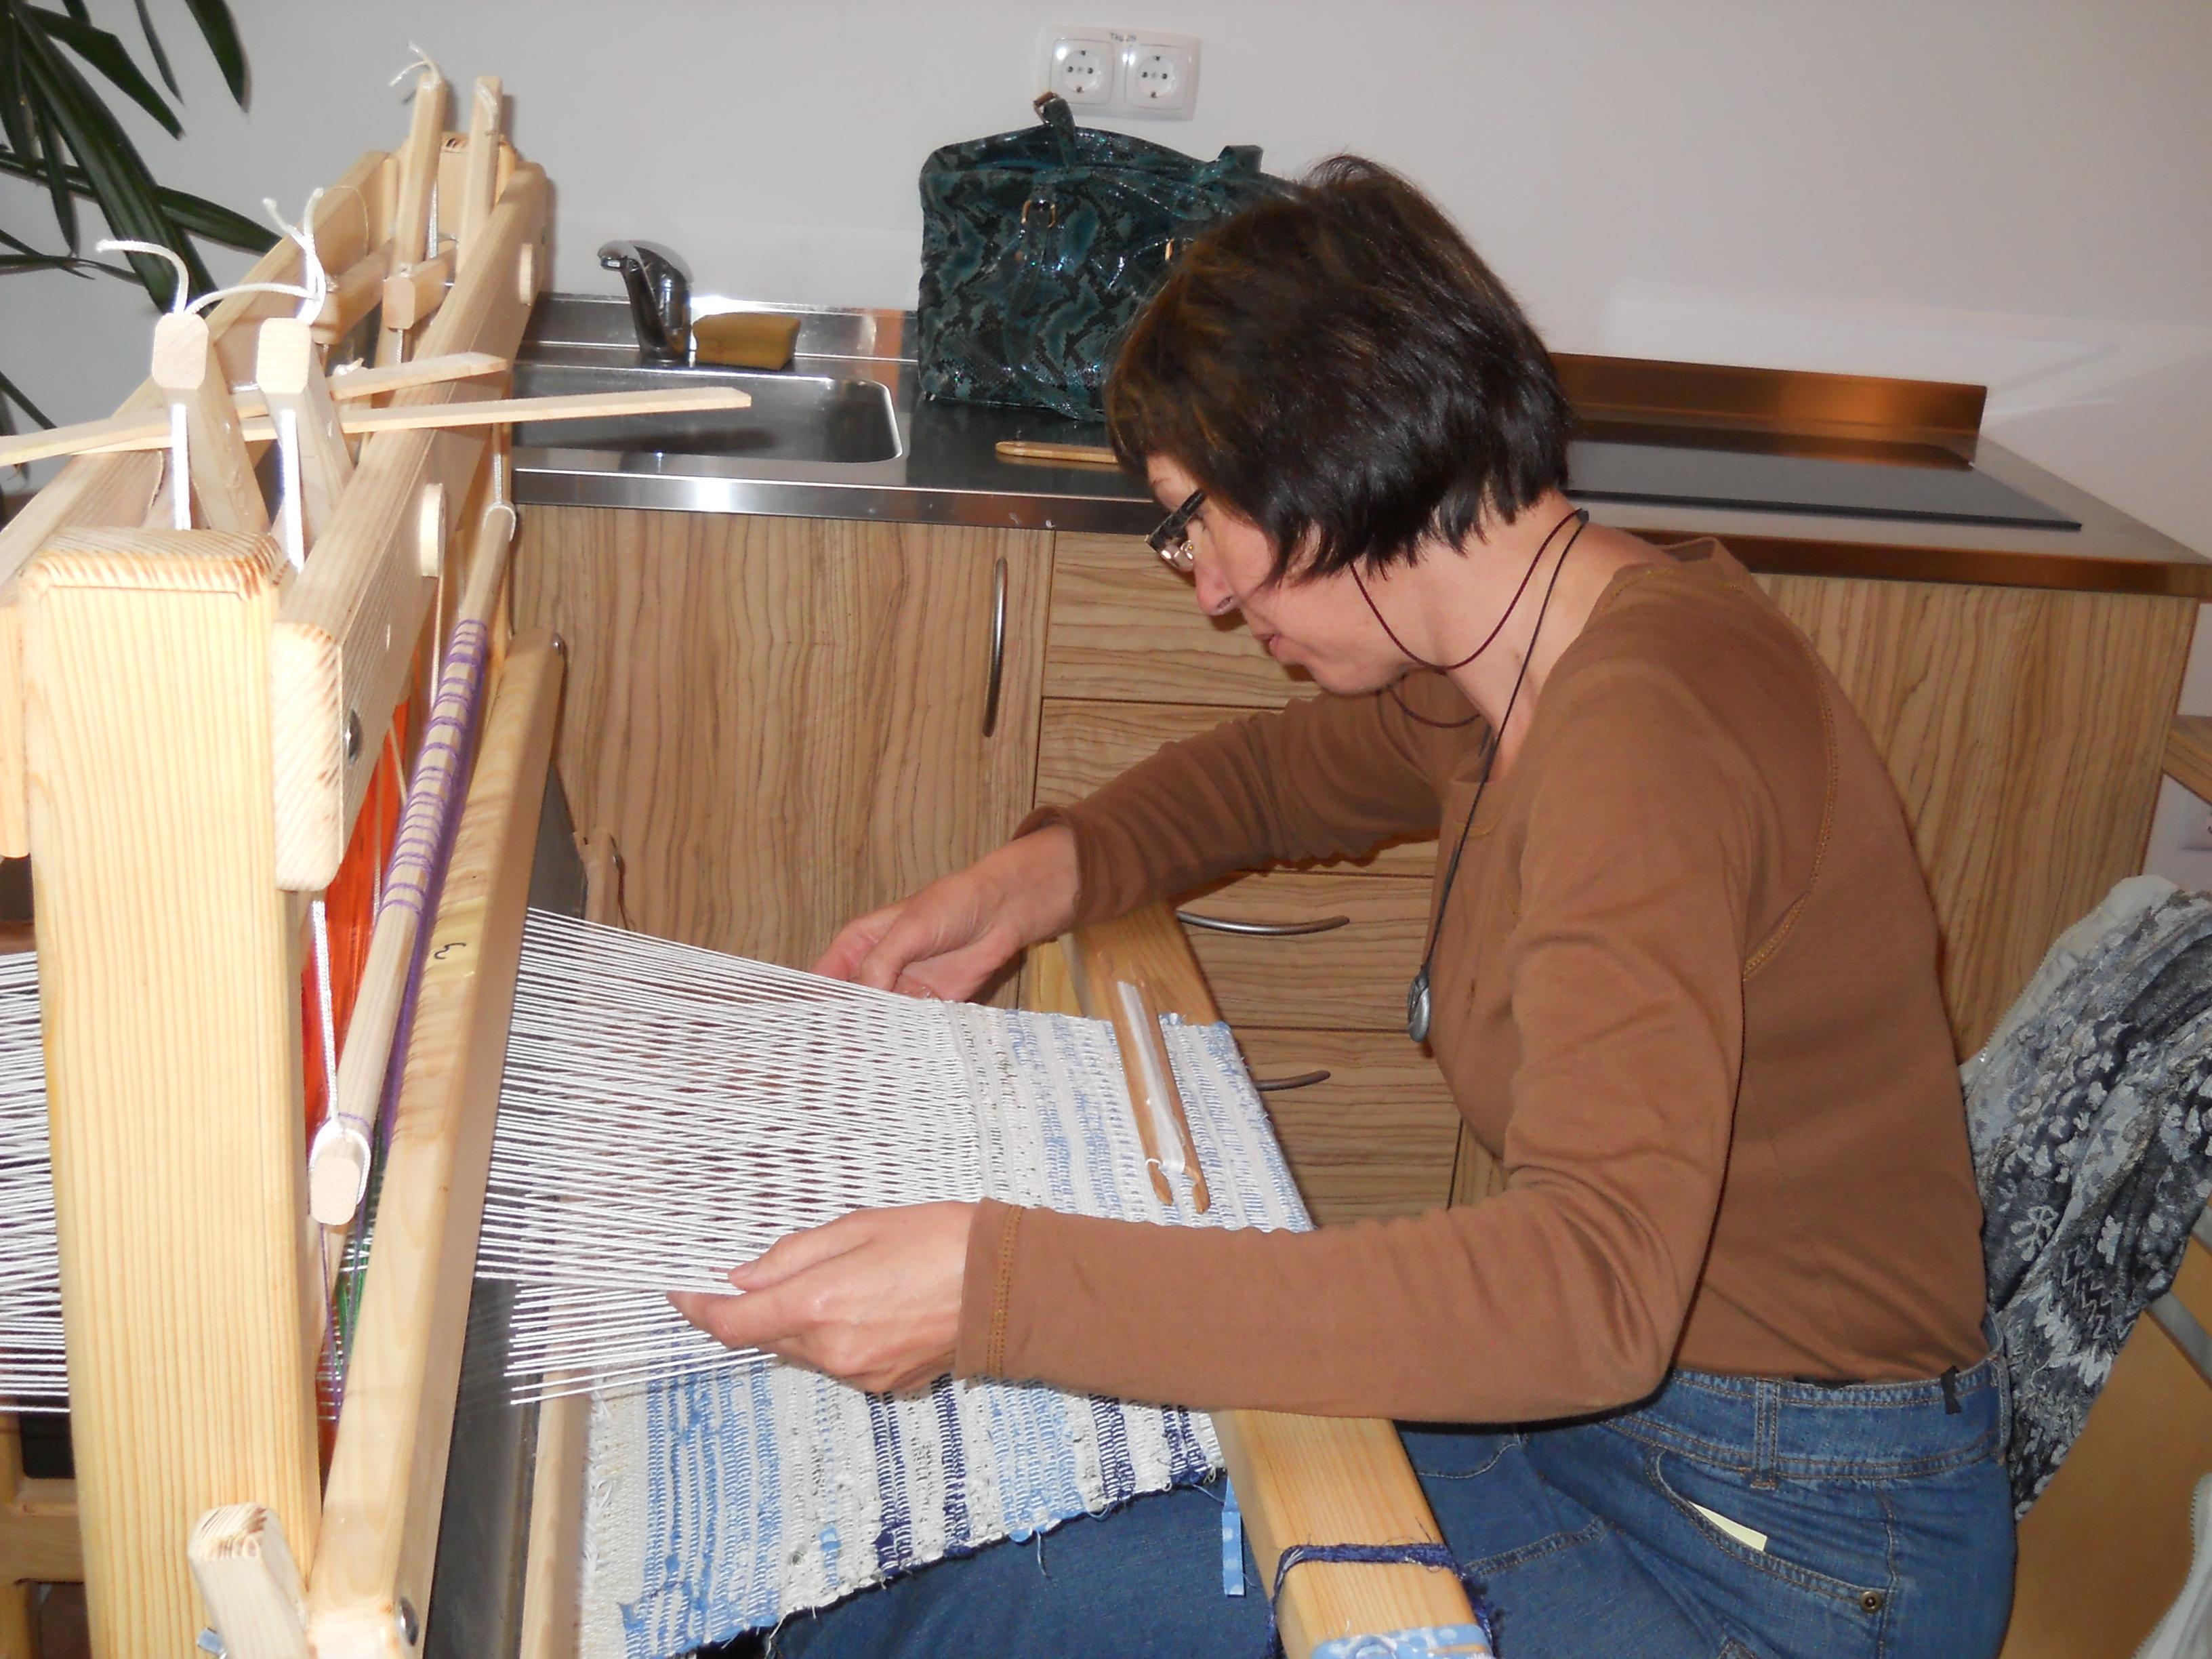 Osnovni tečaj ročnega tkanja na statvah – Kranj od 14. marca do 17. marca 2015